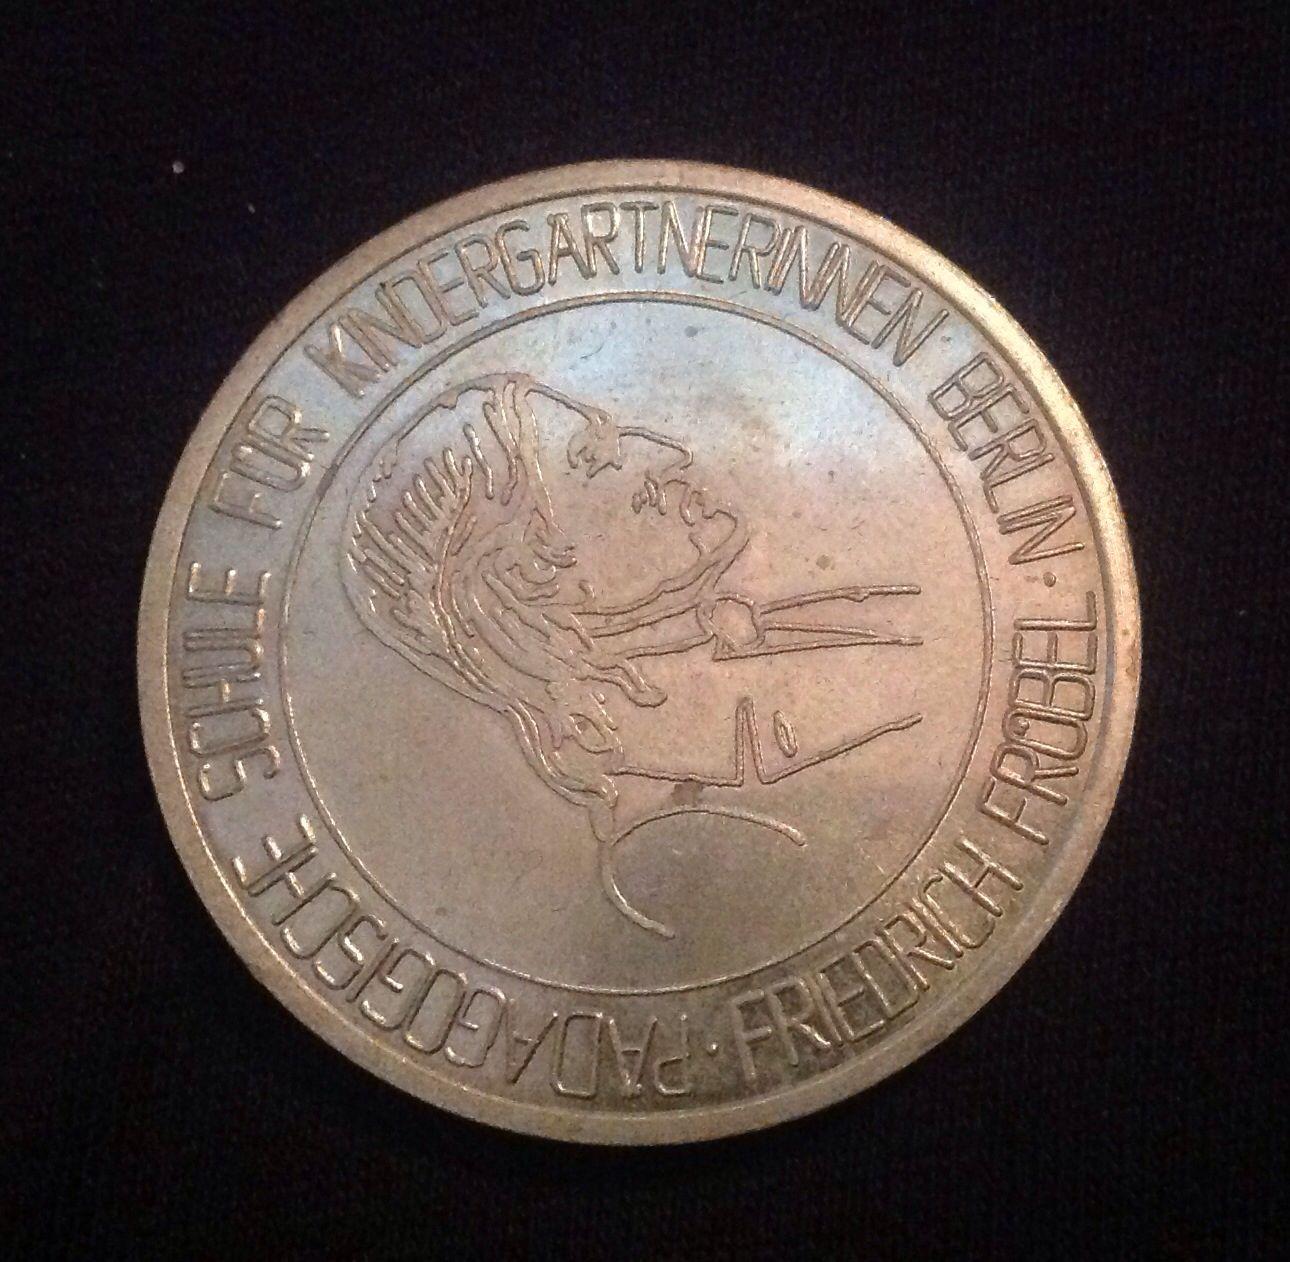 Friedrich Froebel Medaille von der Fachschule fuer Kindergaertnerinnen. Bekommen 1989 fuer Gute Leistungen in der Praxis